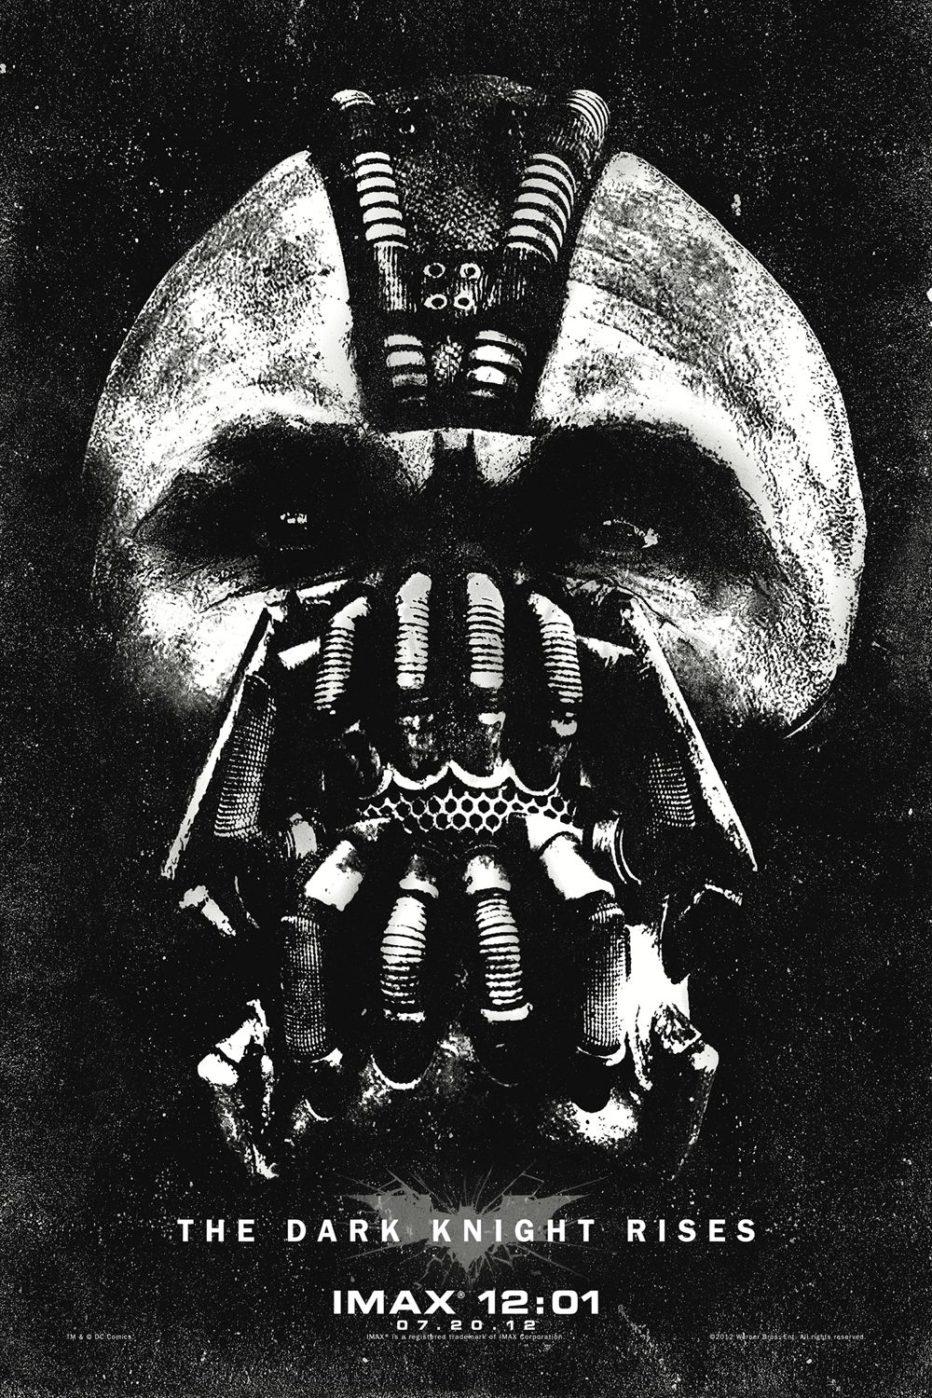 Tweets del día: Poster Imax de The Dark Knight rises y Mondo de Game of thrones